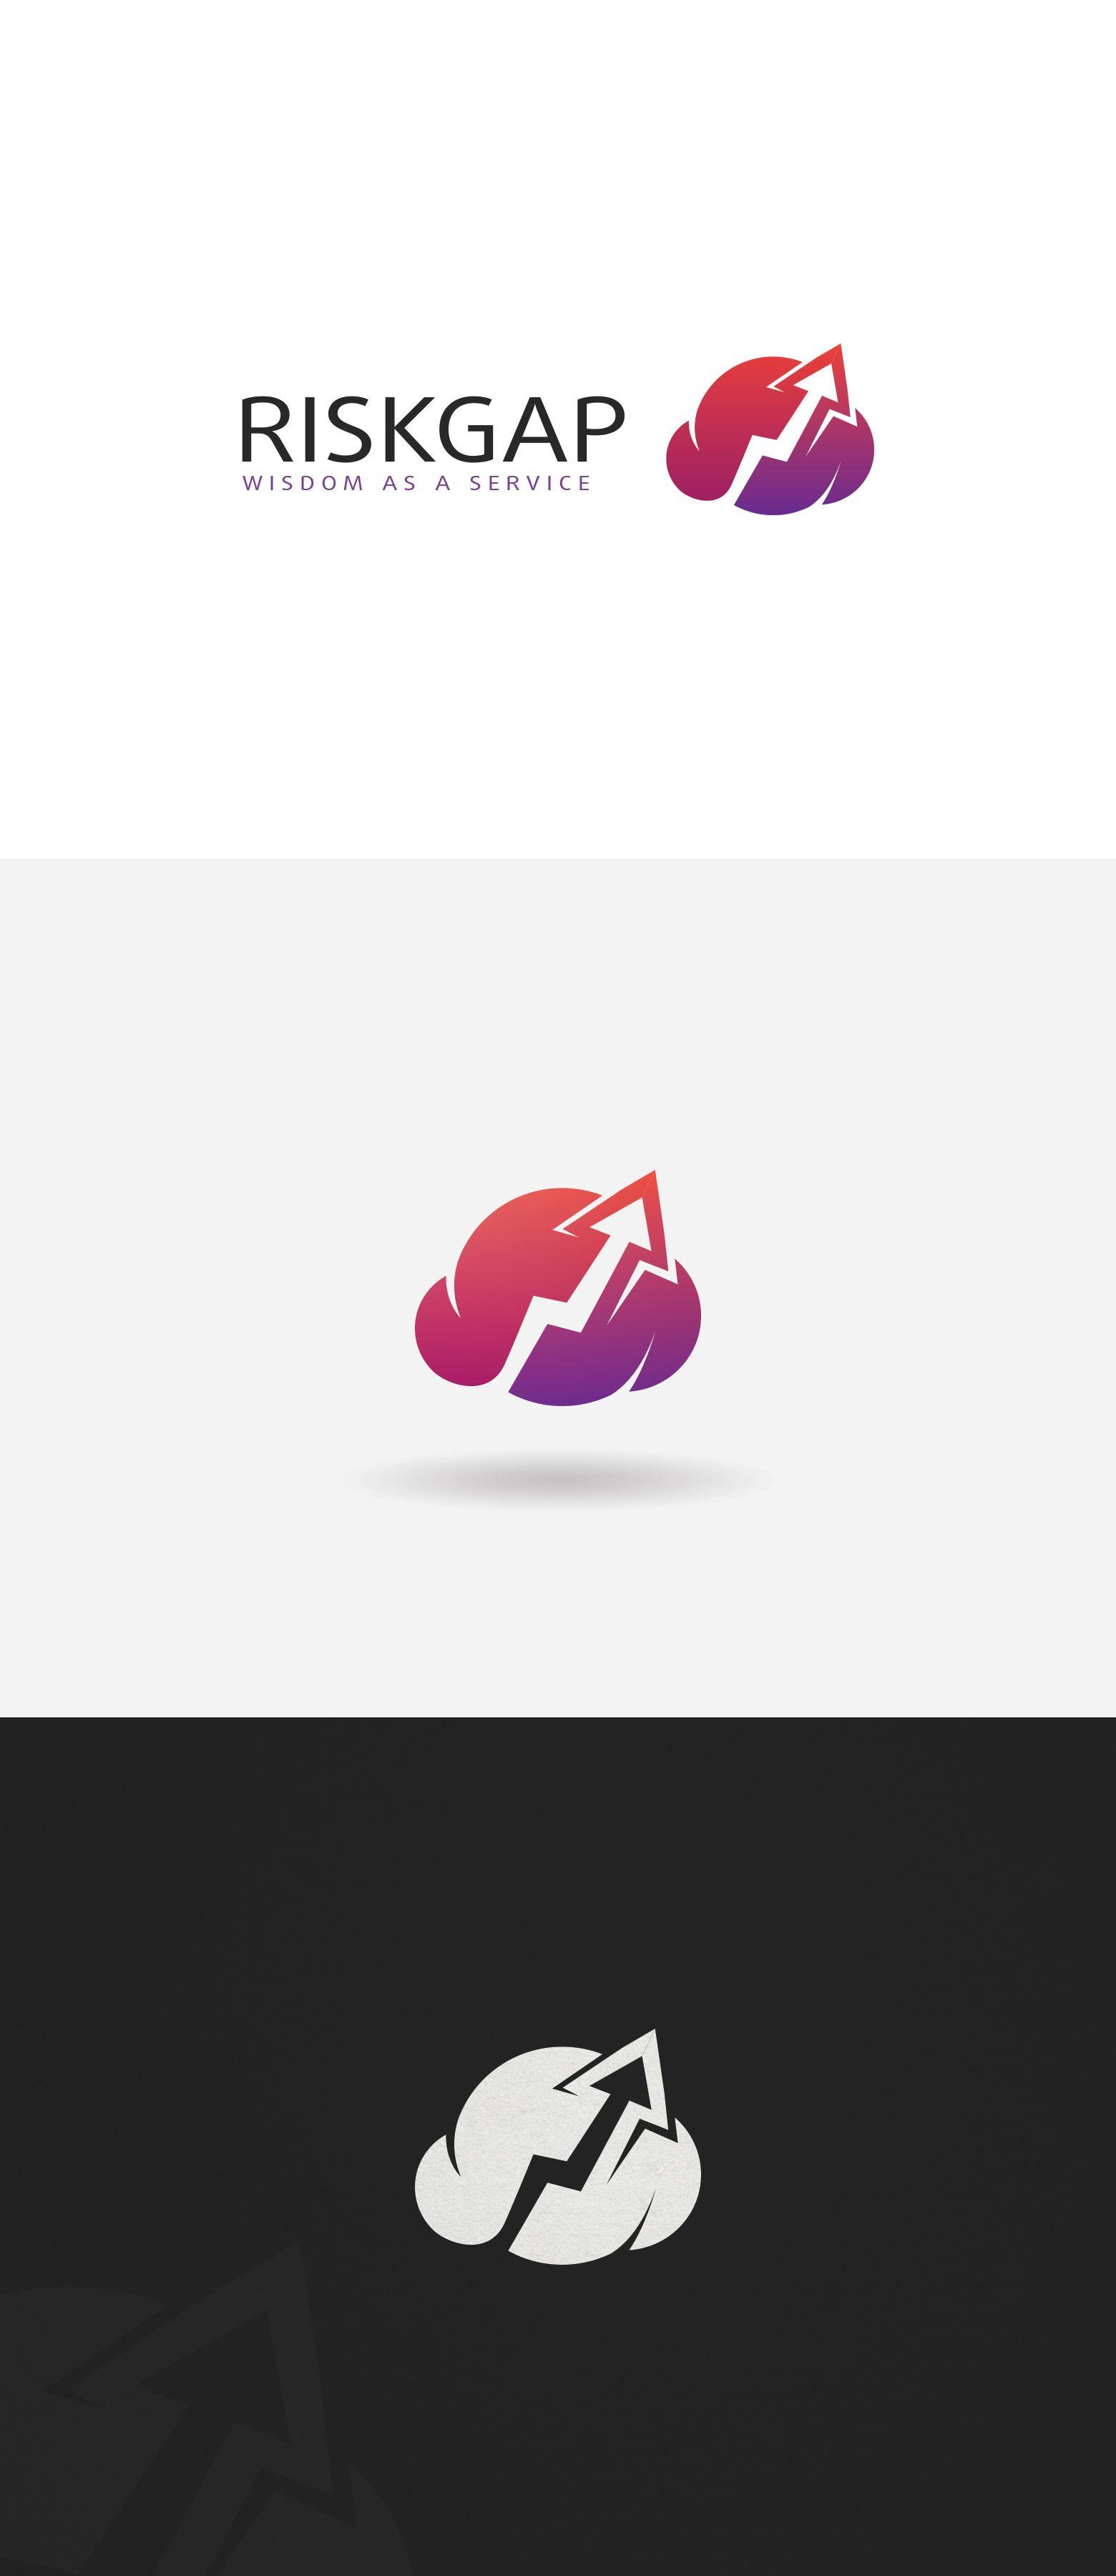 Логотип для веб-сервиса по риск-менеджменту - дизайнер trika